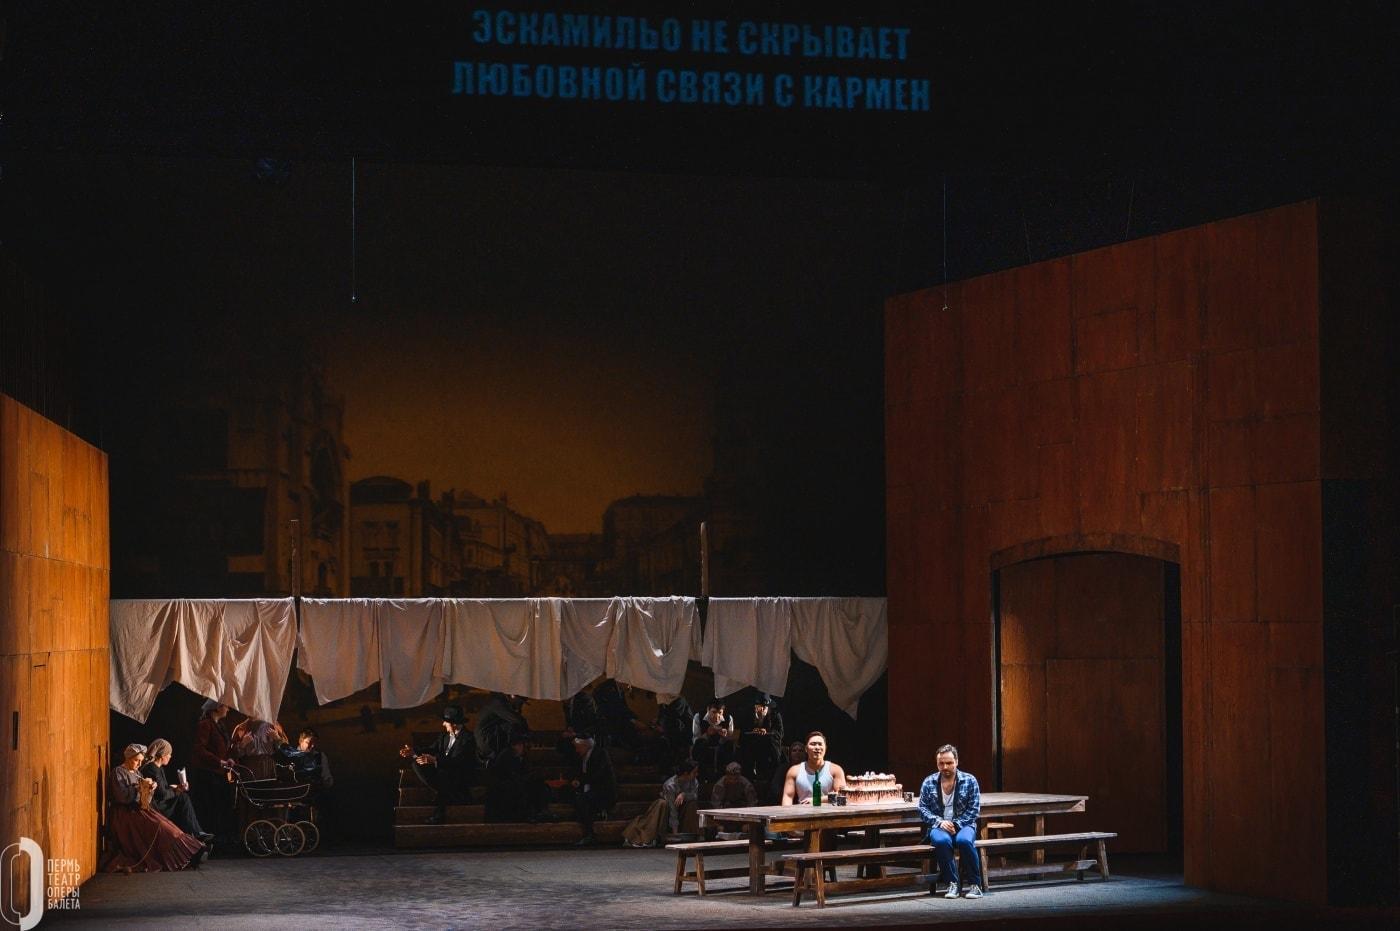 """Сцена из оперы Бизе """"Кармен"""" в постановке Константина Богомолова в Пермском театре оперы и балета"""